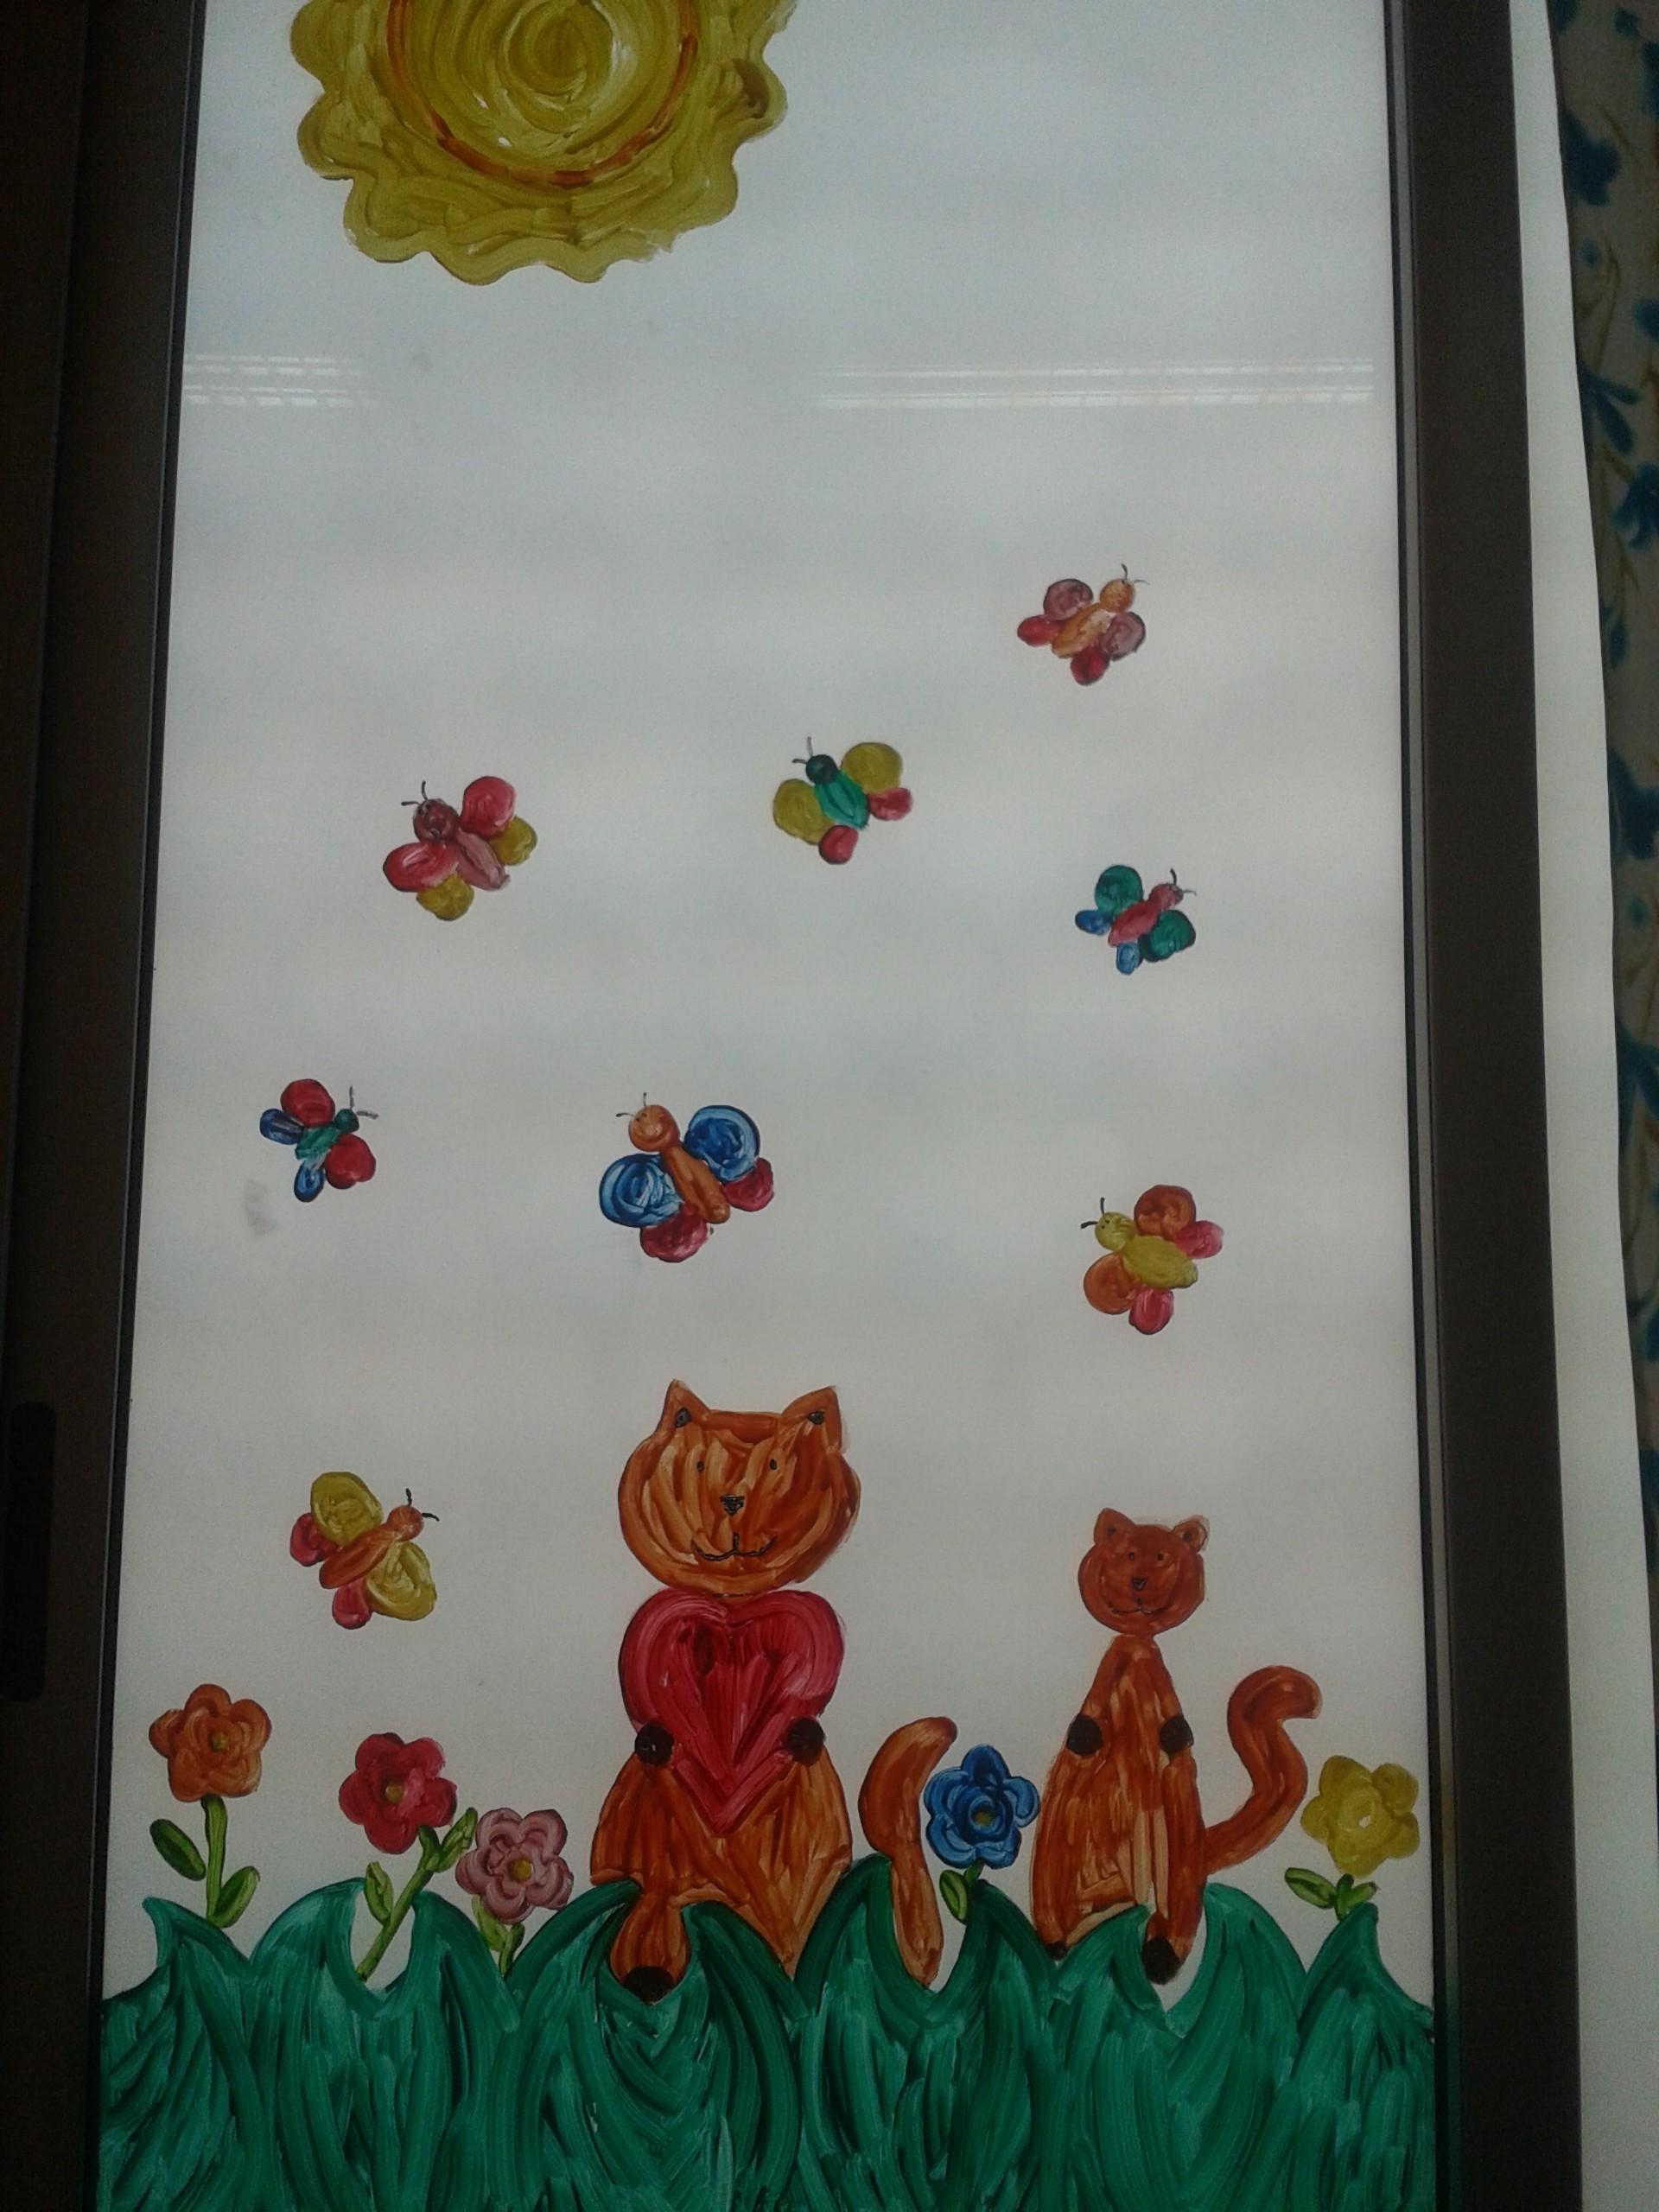 301 moved permanently - Decorazioni primaverili per finestre ...